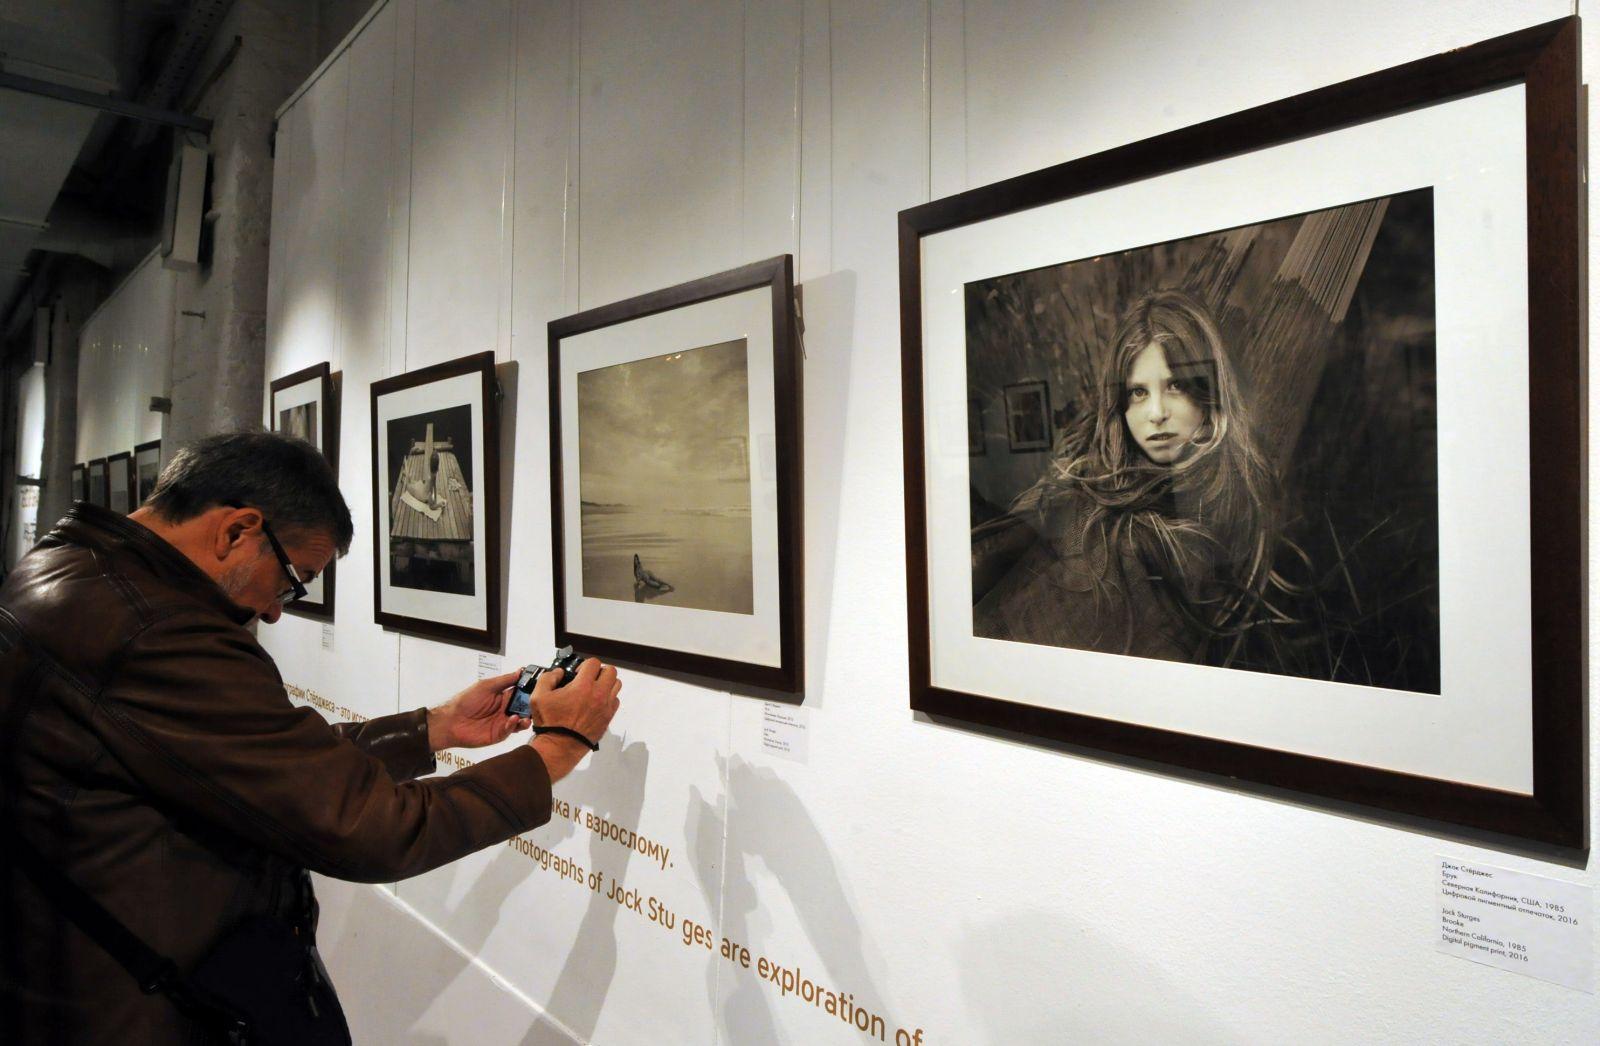 Кураторы выставки Джока Стёрджеса неисключили ее восстановления